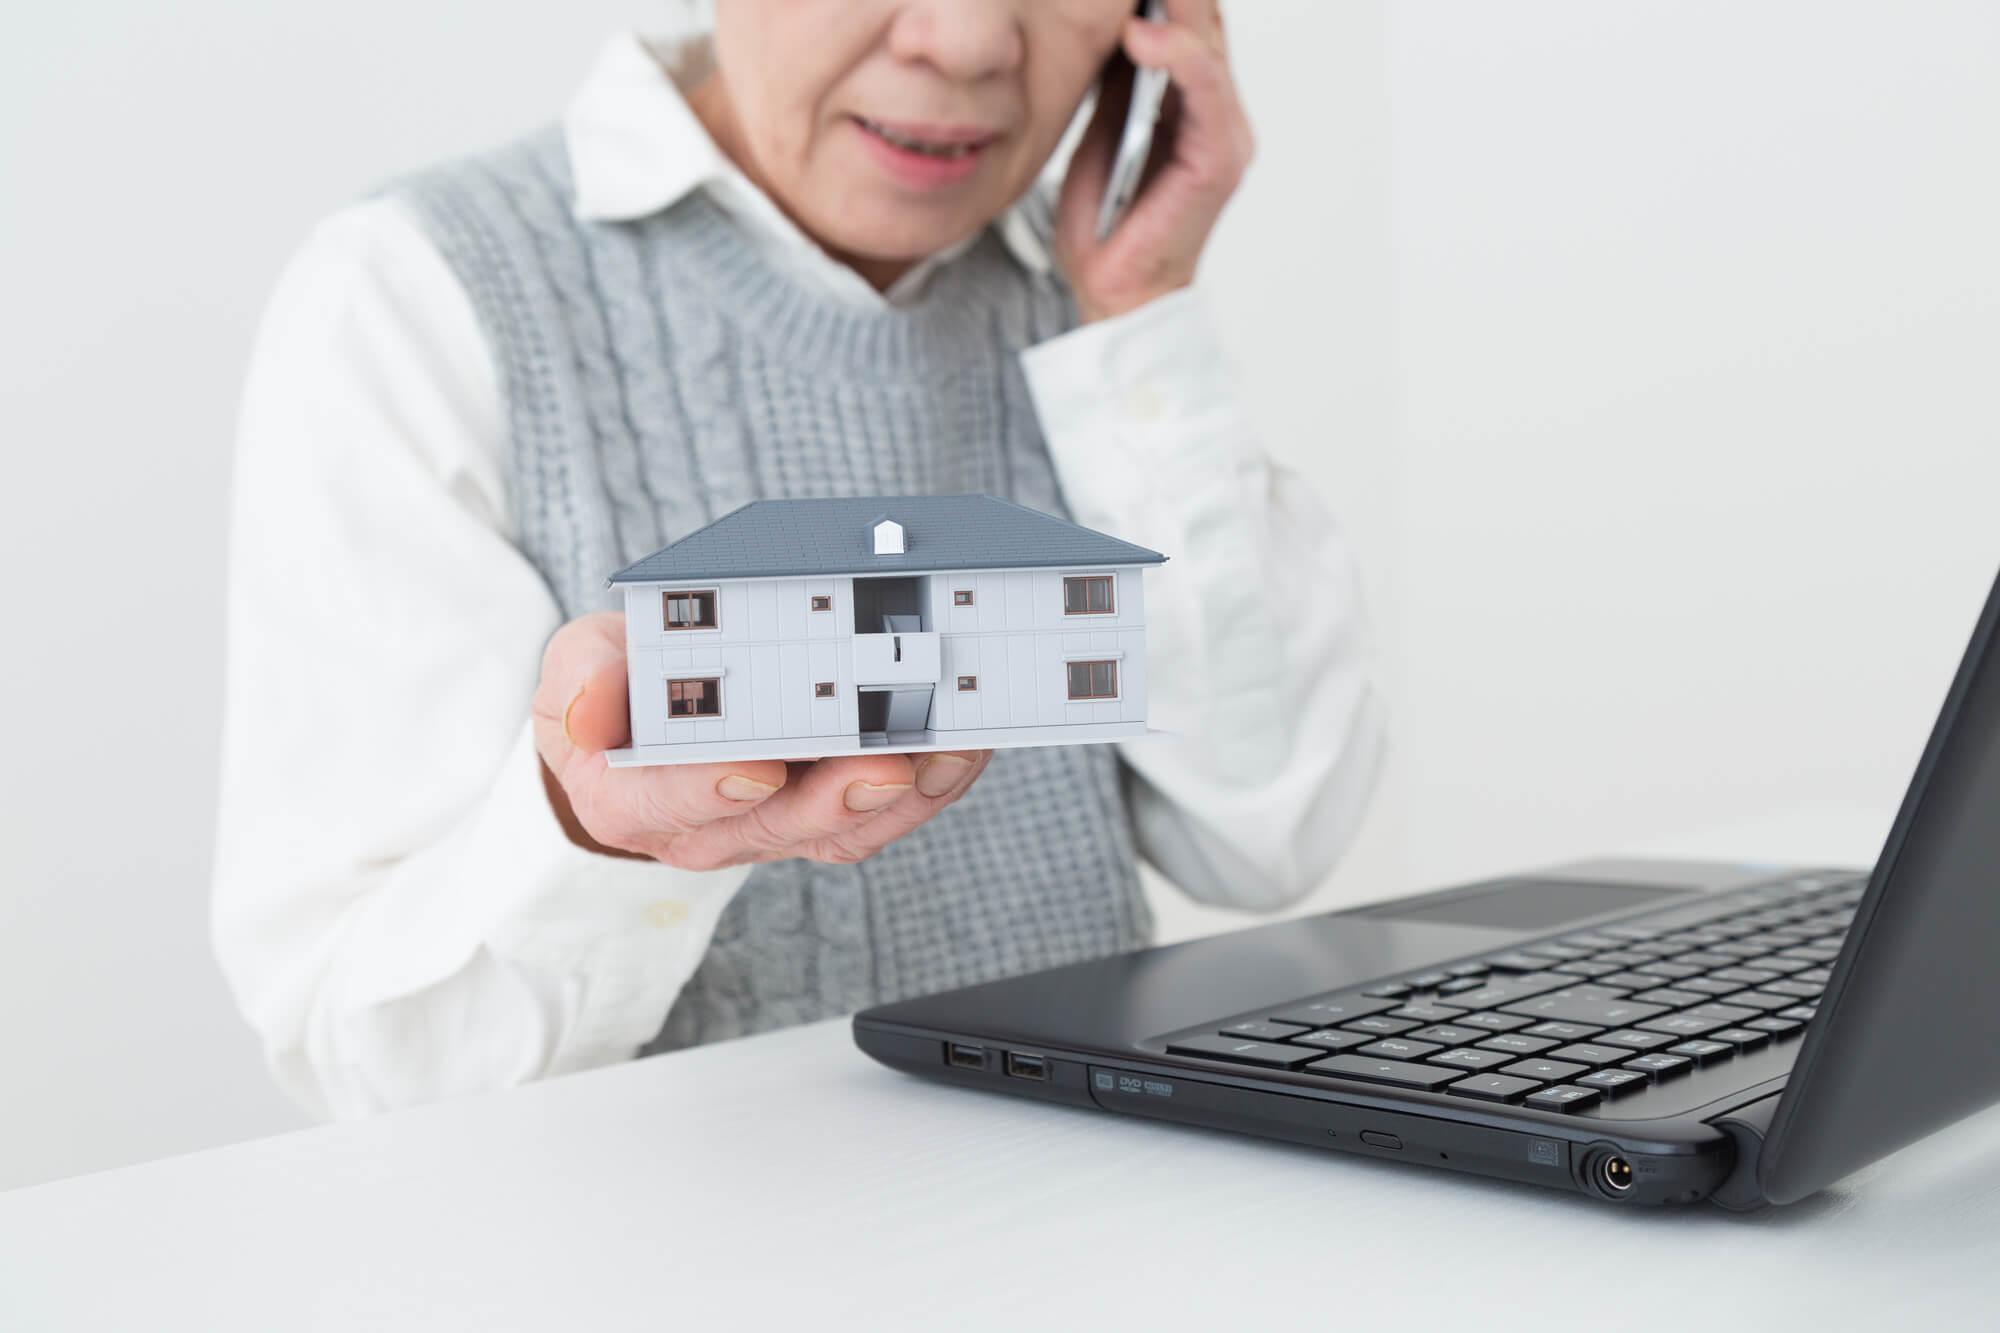 外国人へ賃貸物件を貸すのが難しい理由と対策【外国人に慣れた管理会社を選定する】